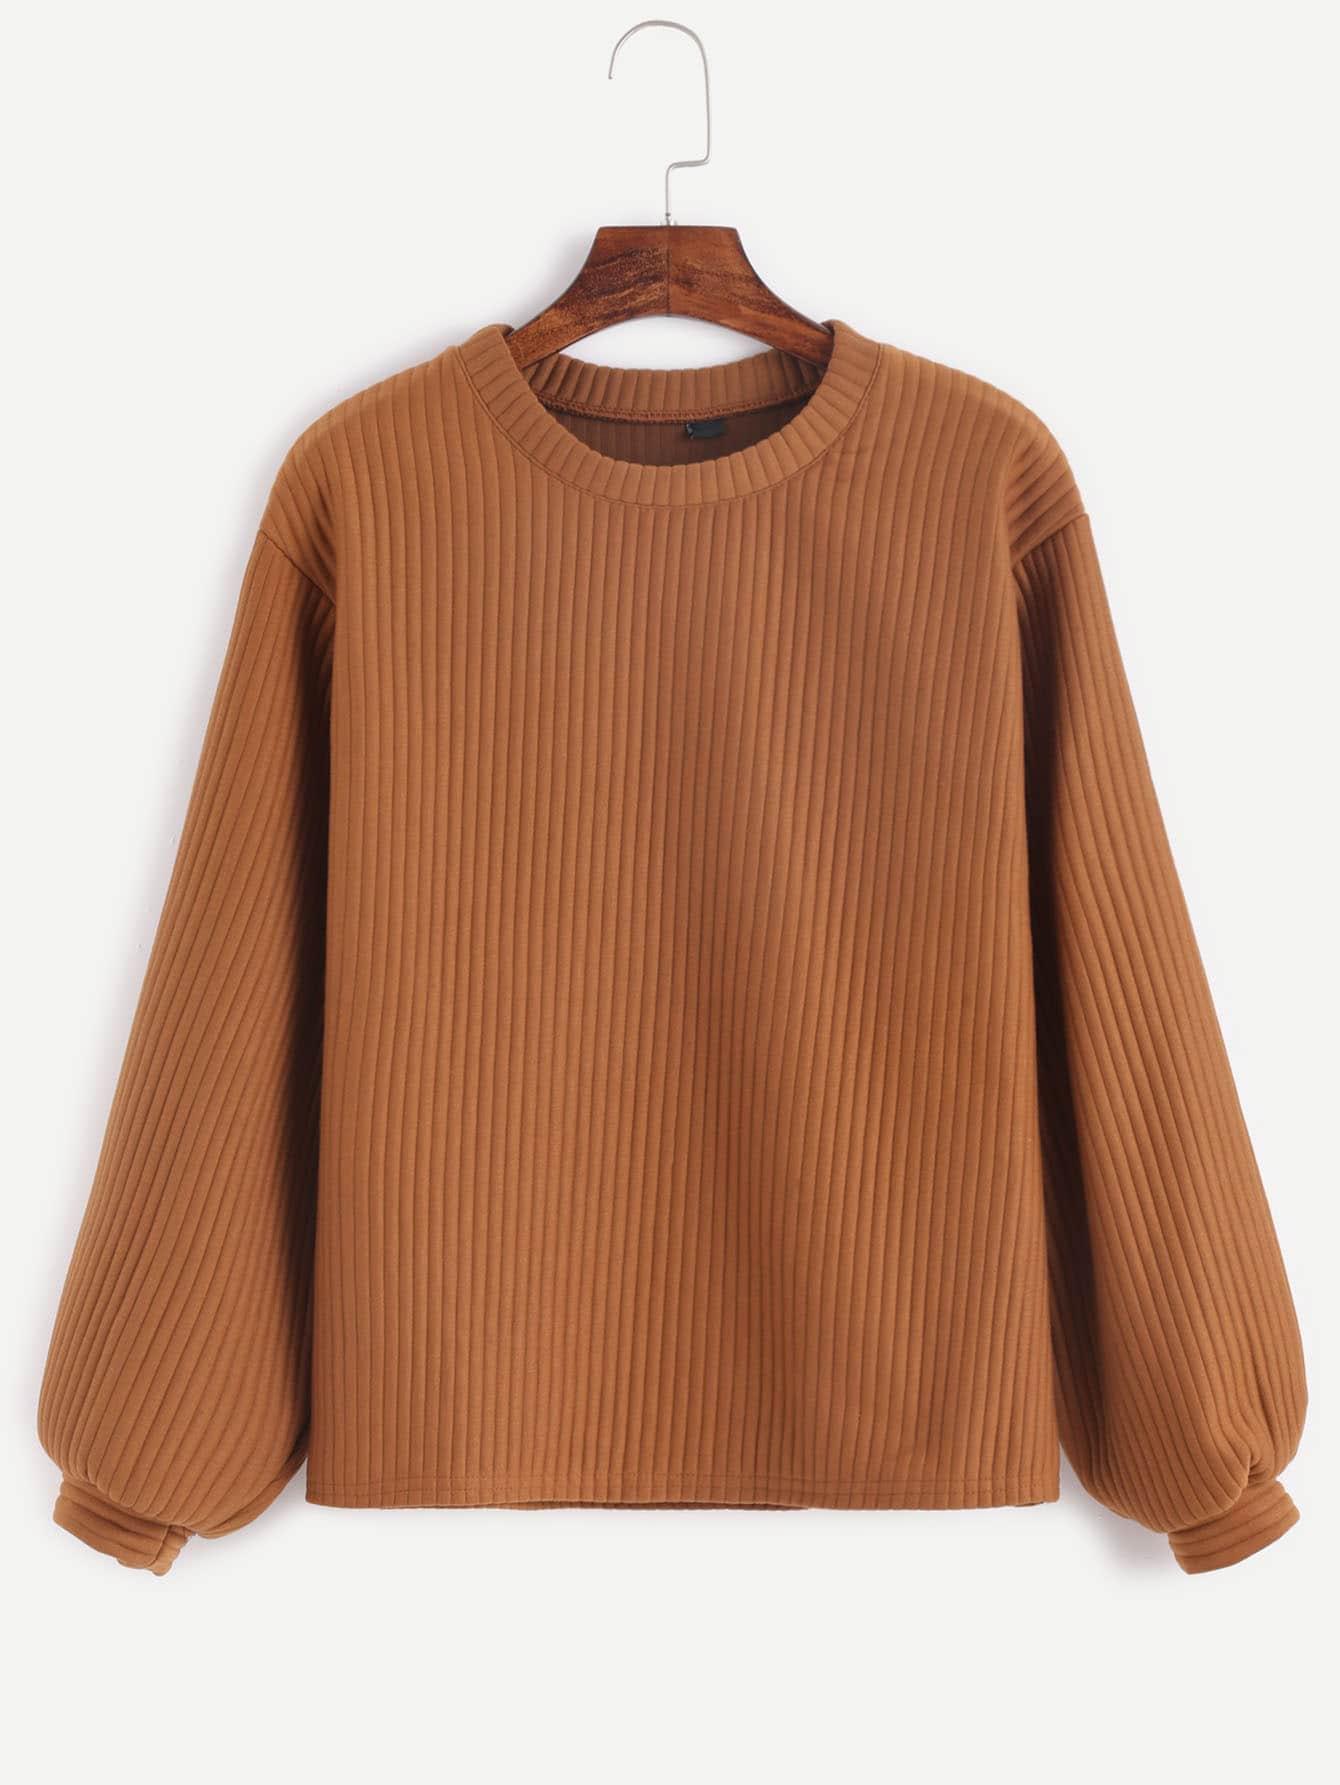 Khaki Long Sleeve Ribbed Sweatshirt sweatshirt160927102